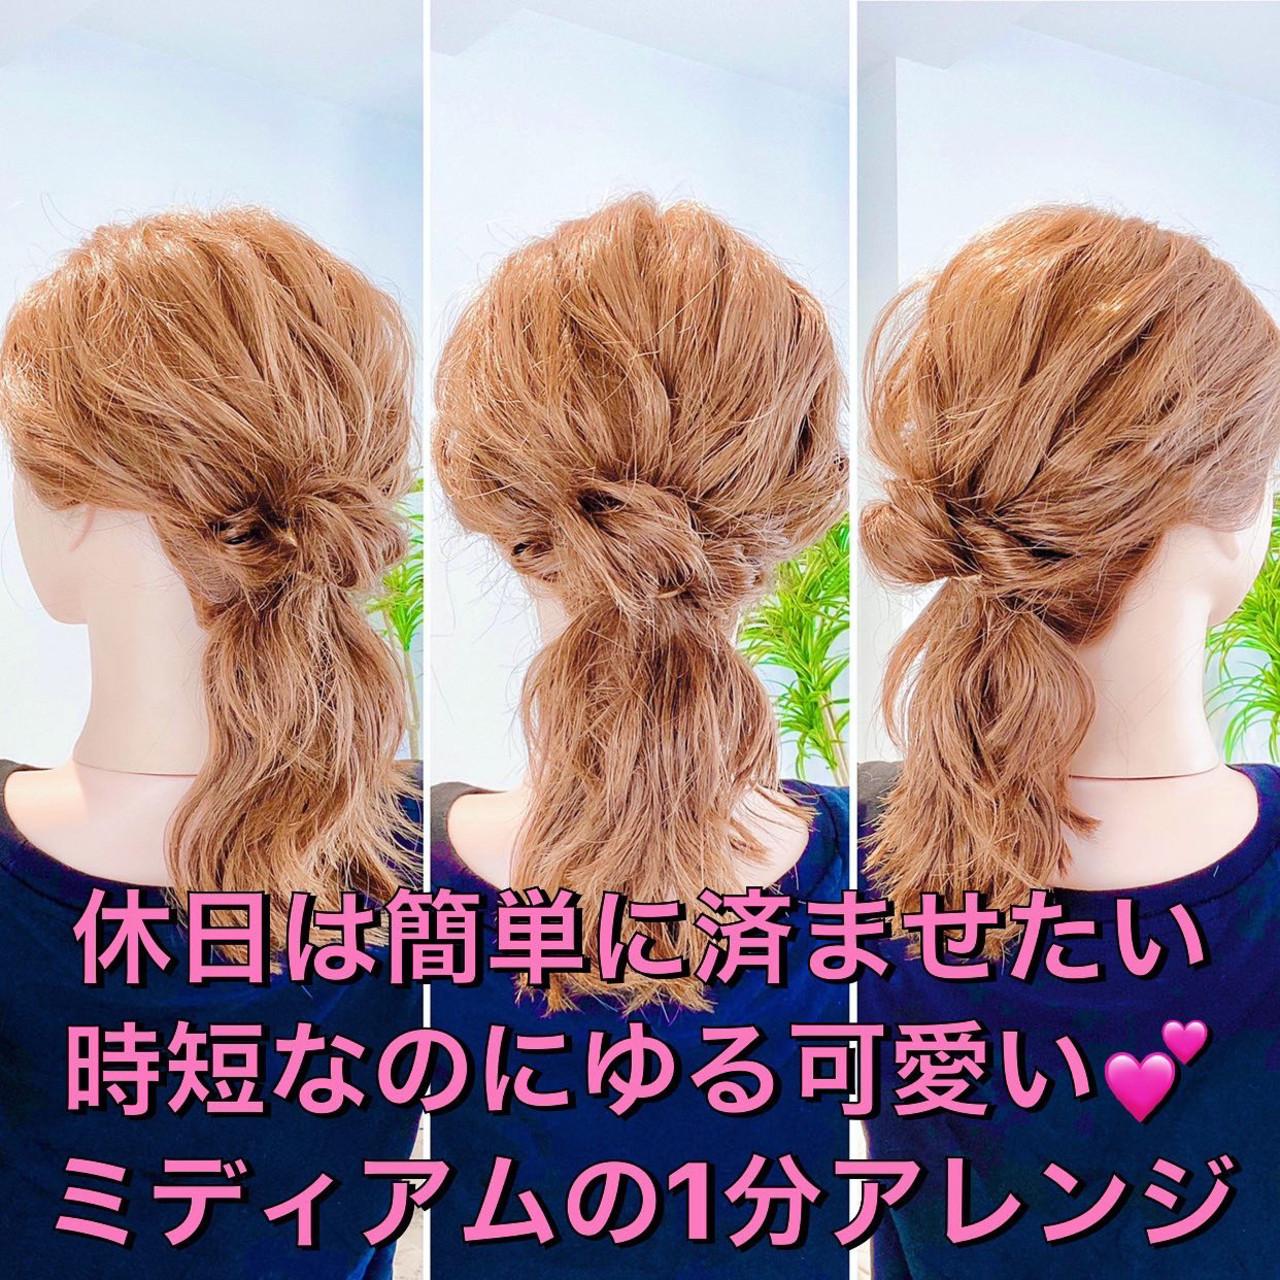 ロング 簡単ヘアアレンジ くるりんぱ フェミニン ヘアスタイルや髪型の写真・画像